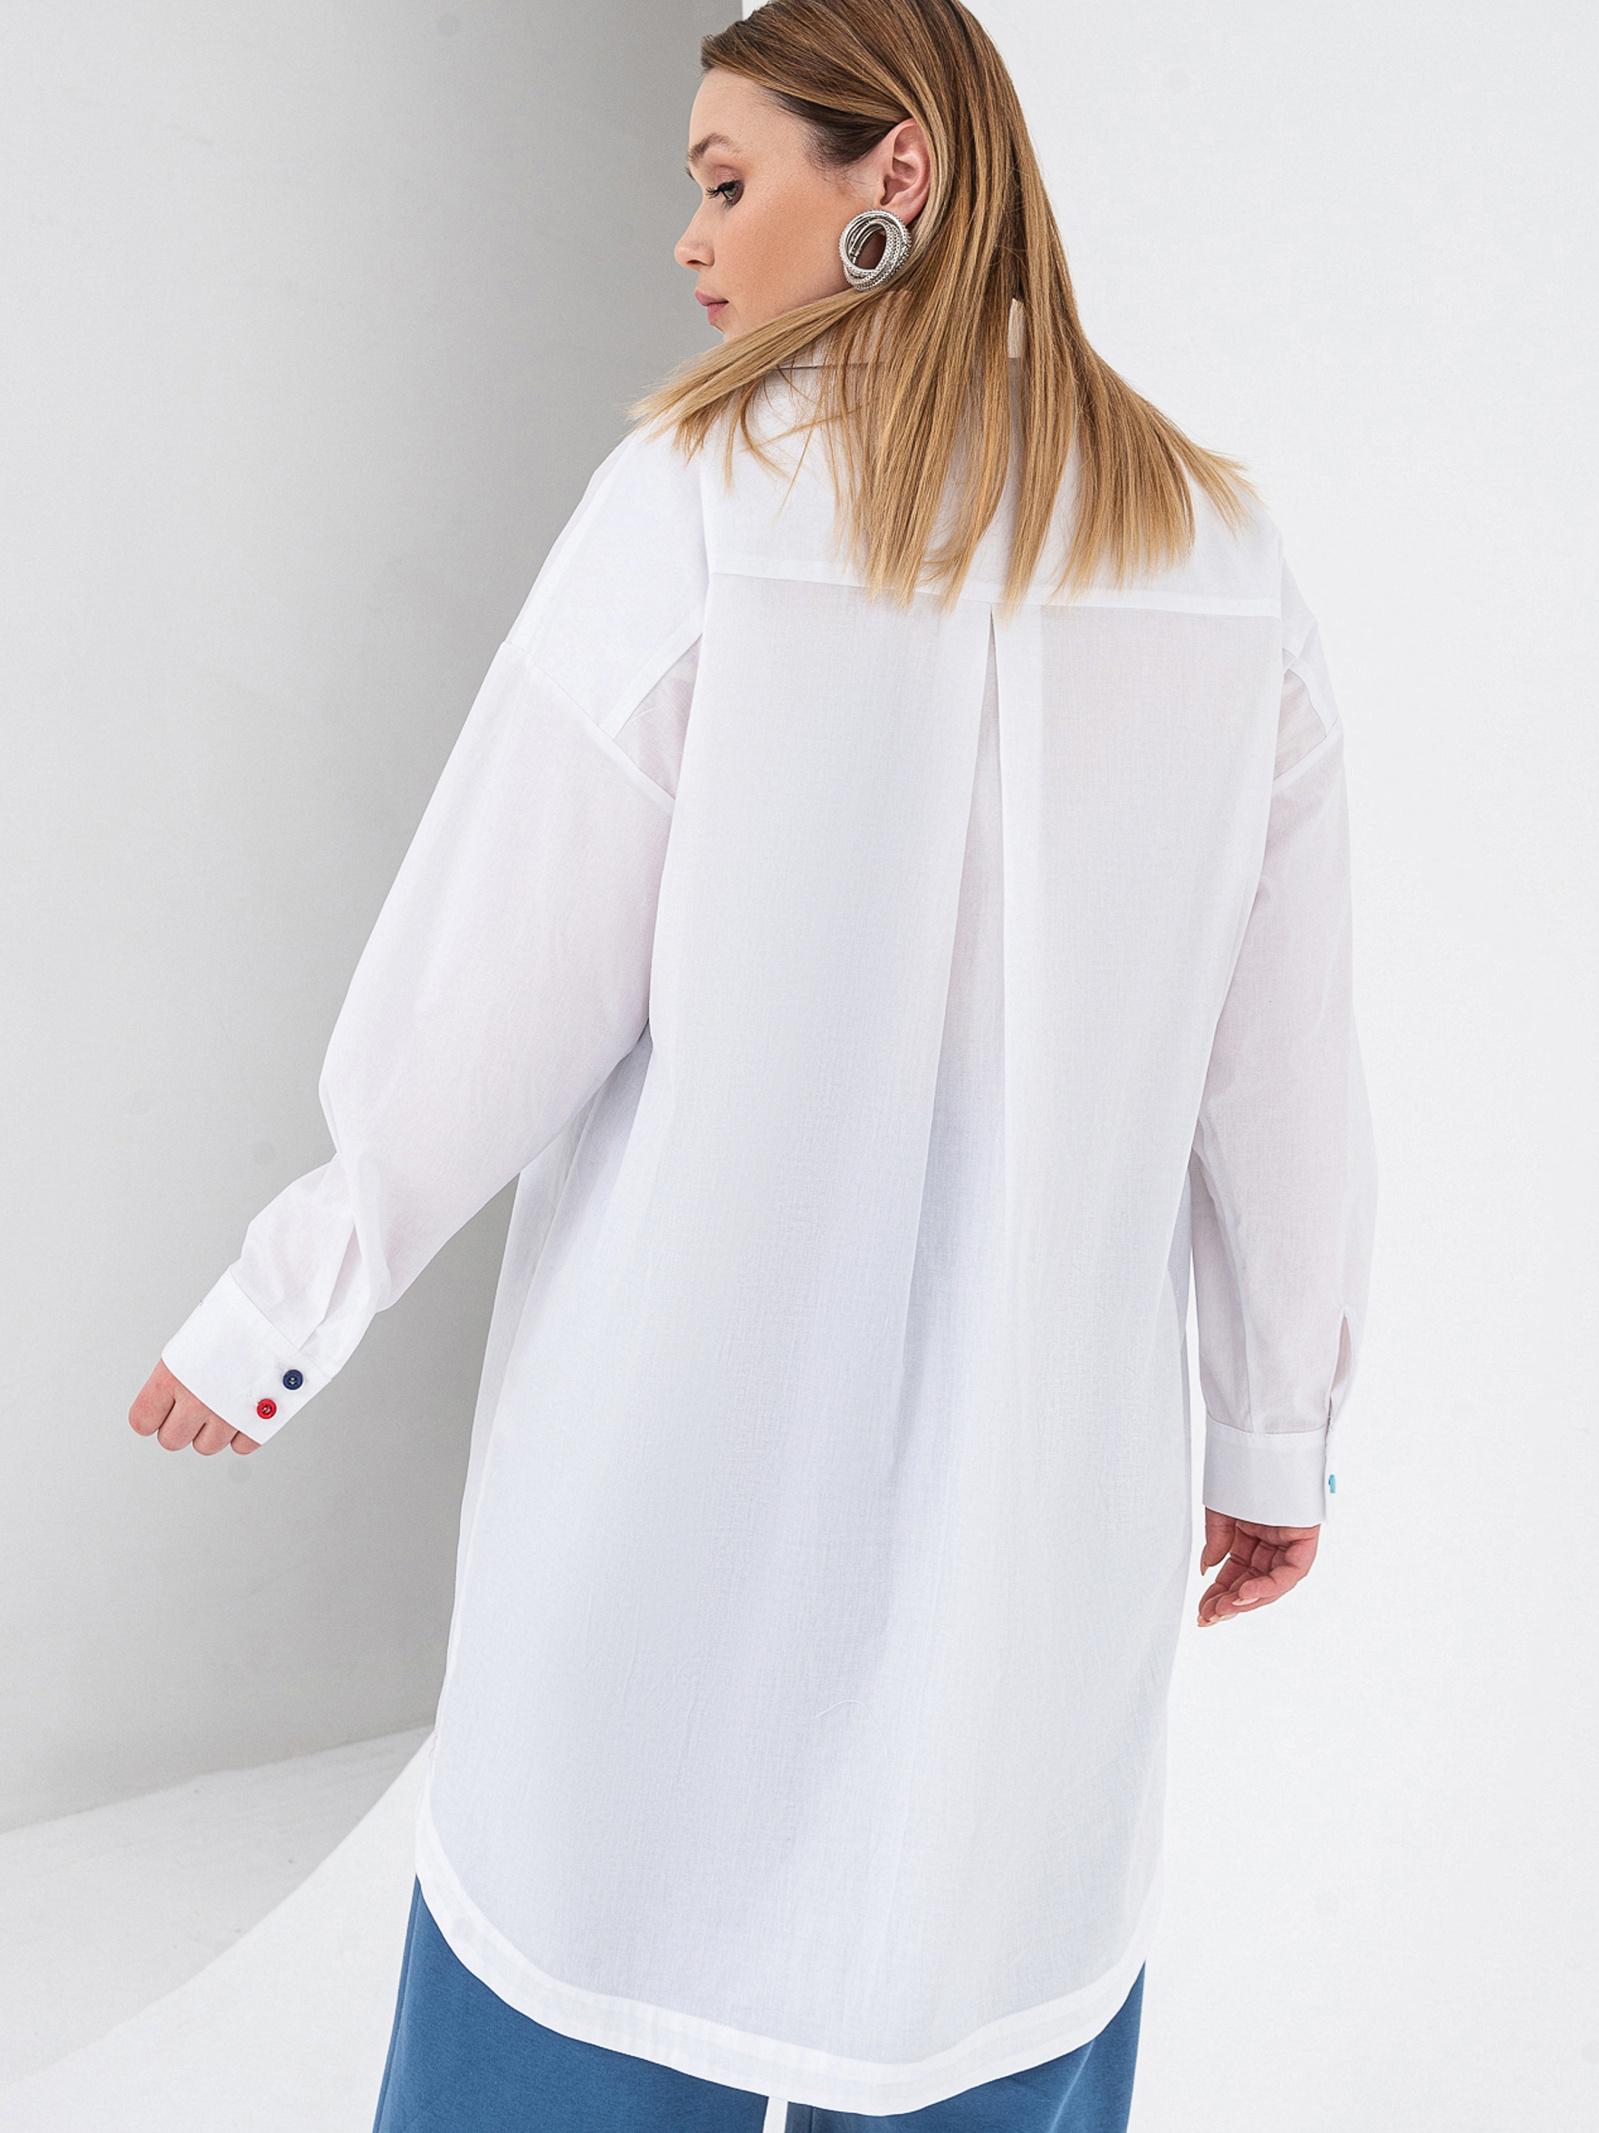 VOVK Блуза жіночі модель 07591 білий , 2017